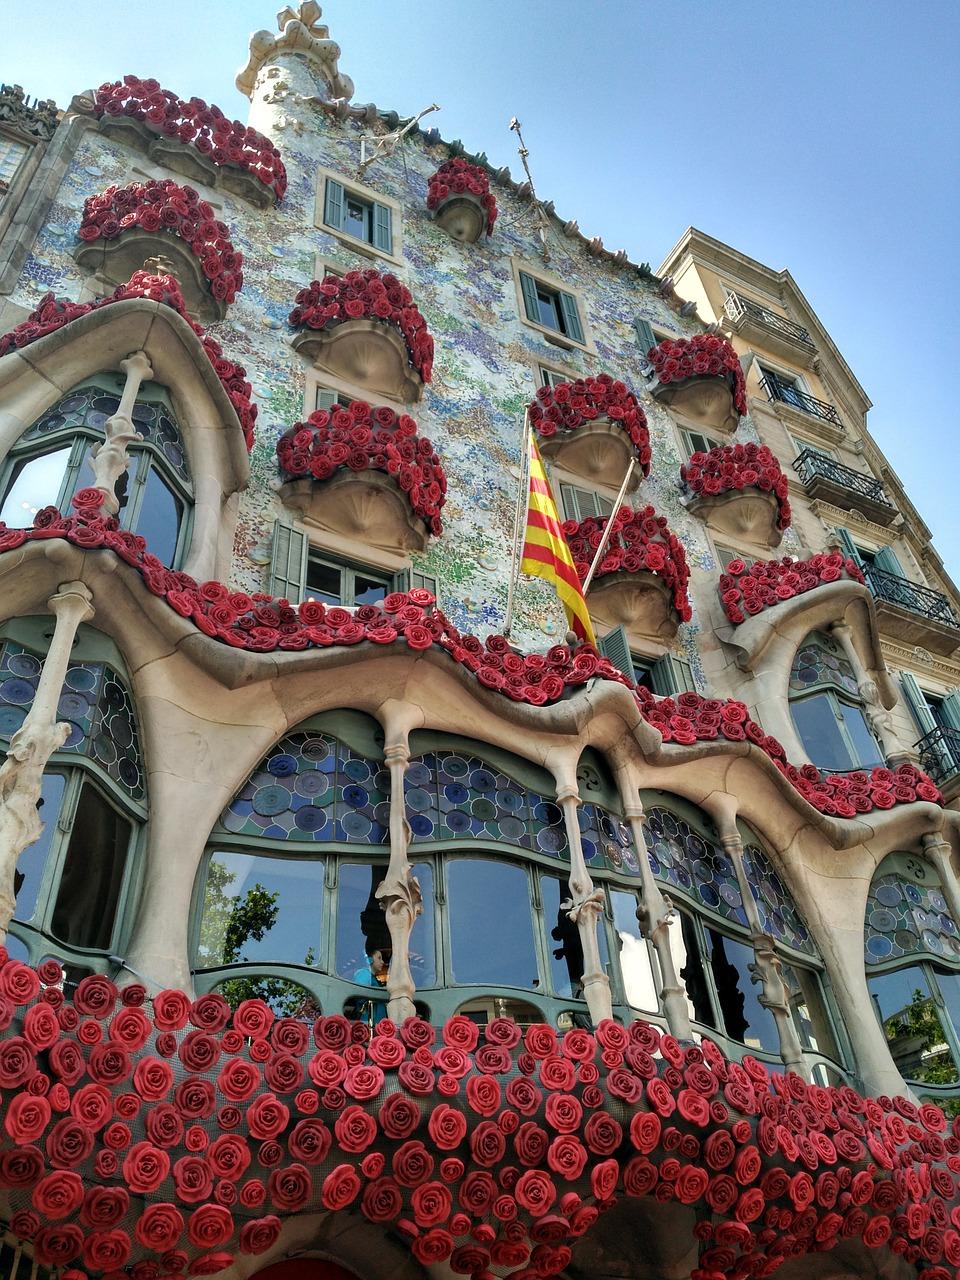 Casa Batlló on Sant Jordi